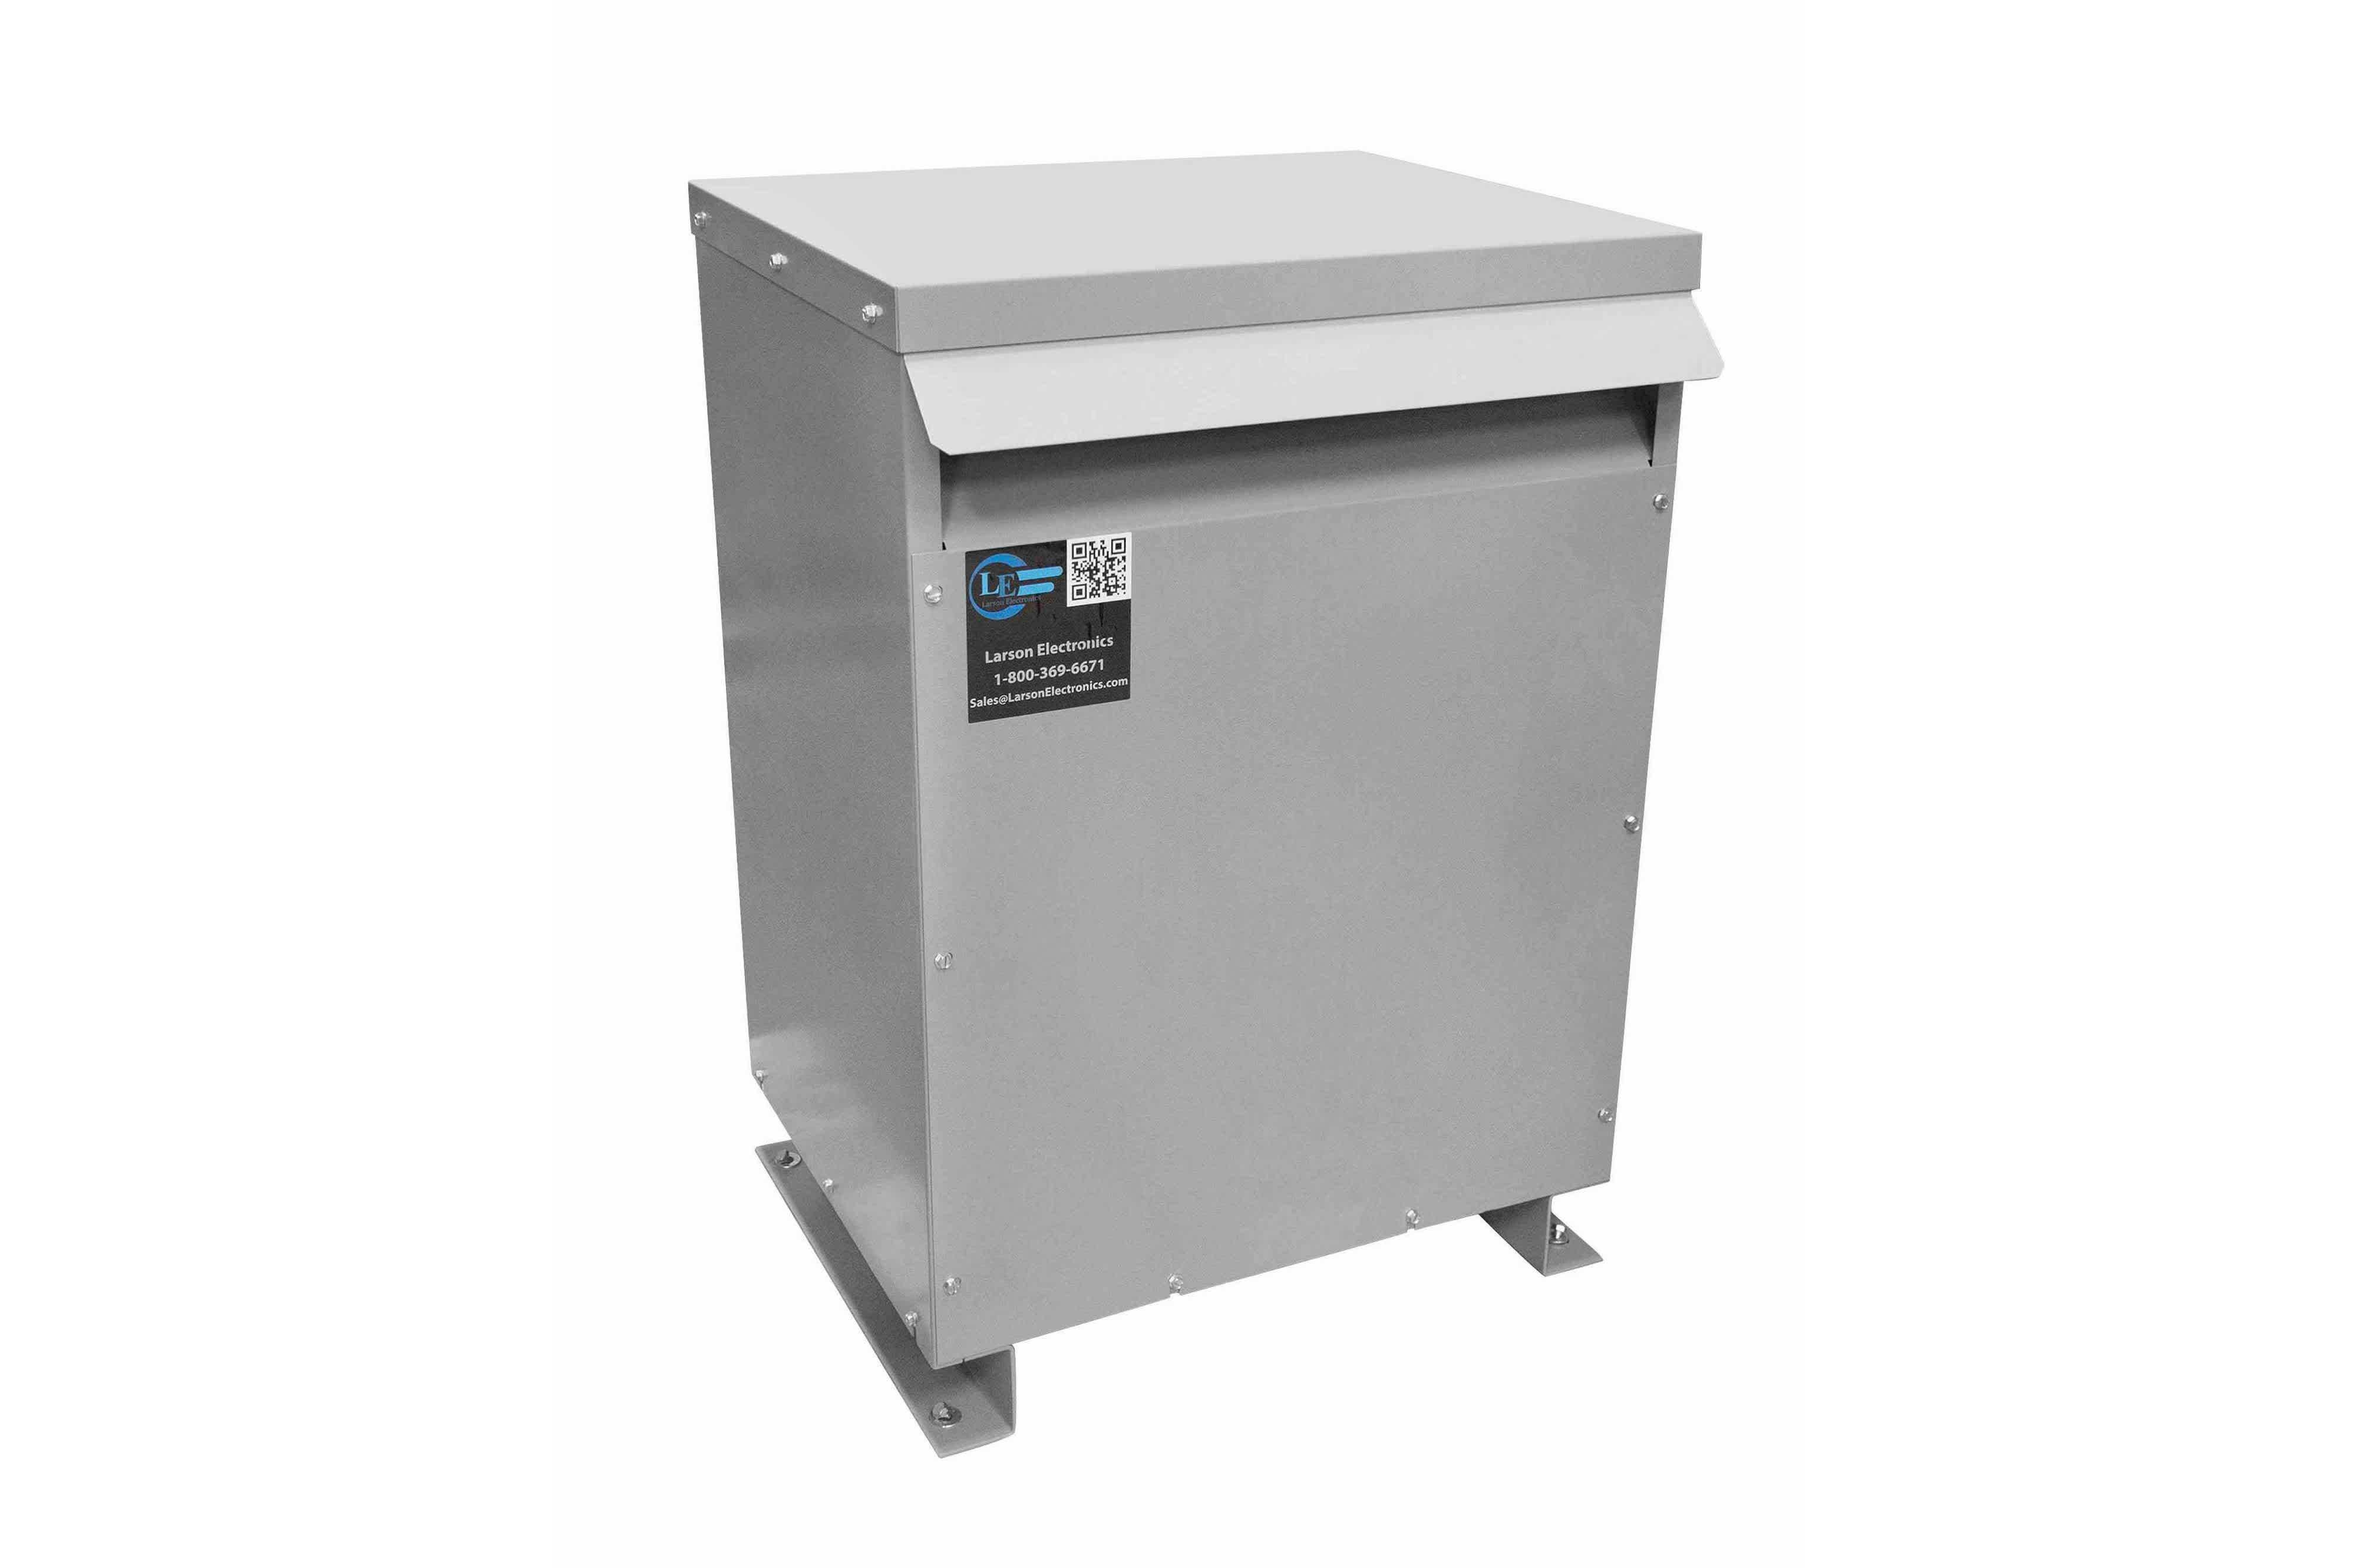 75 kVA 3PH DOE Transformer, 600V Delta Primary, 240V/120 Delta Secondary, N3R, Ventilated, 60 Hz